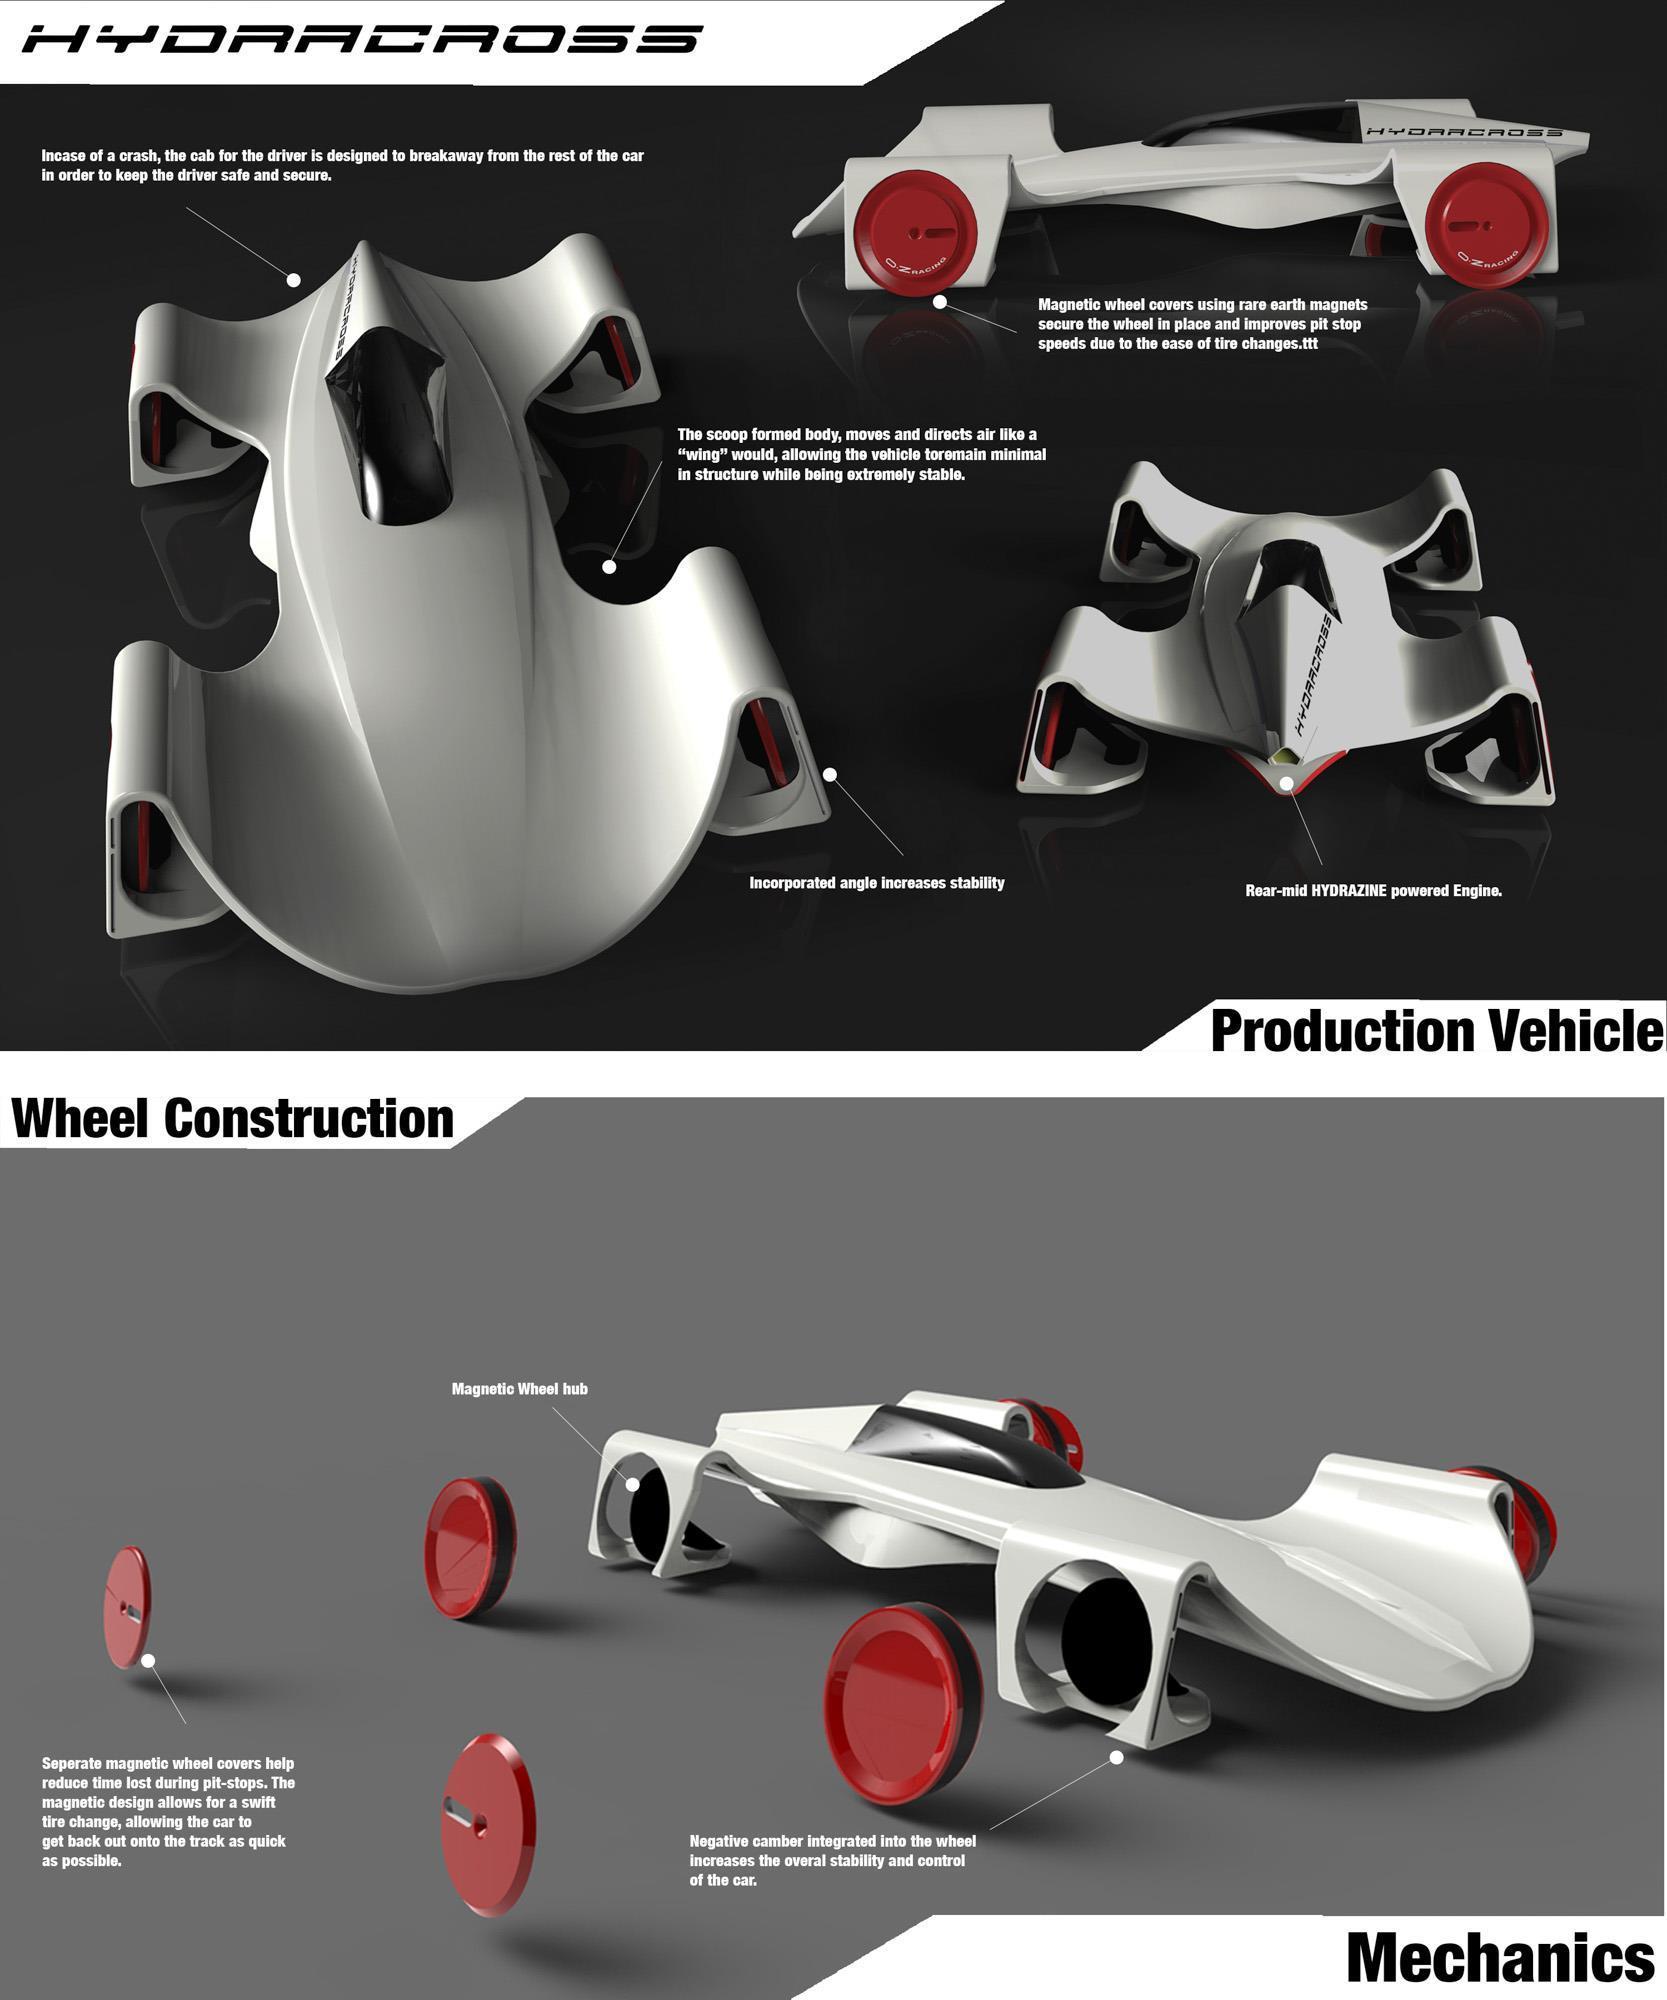 Michelin Announces Winners of 'Le Mans 2030' Design